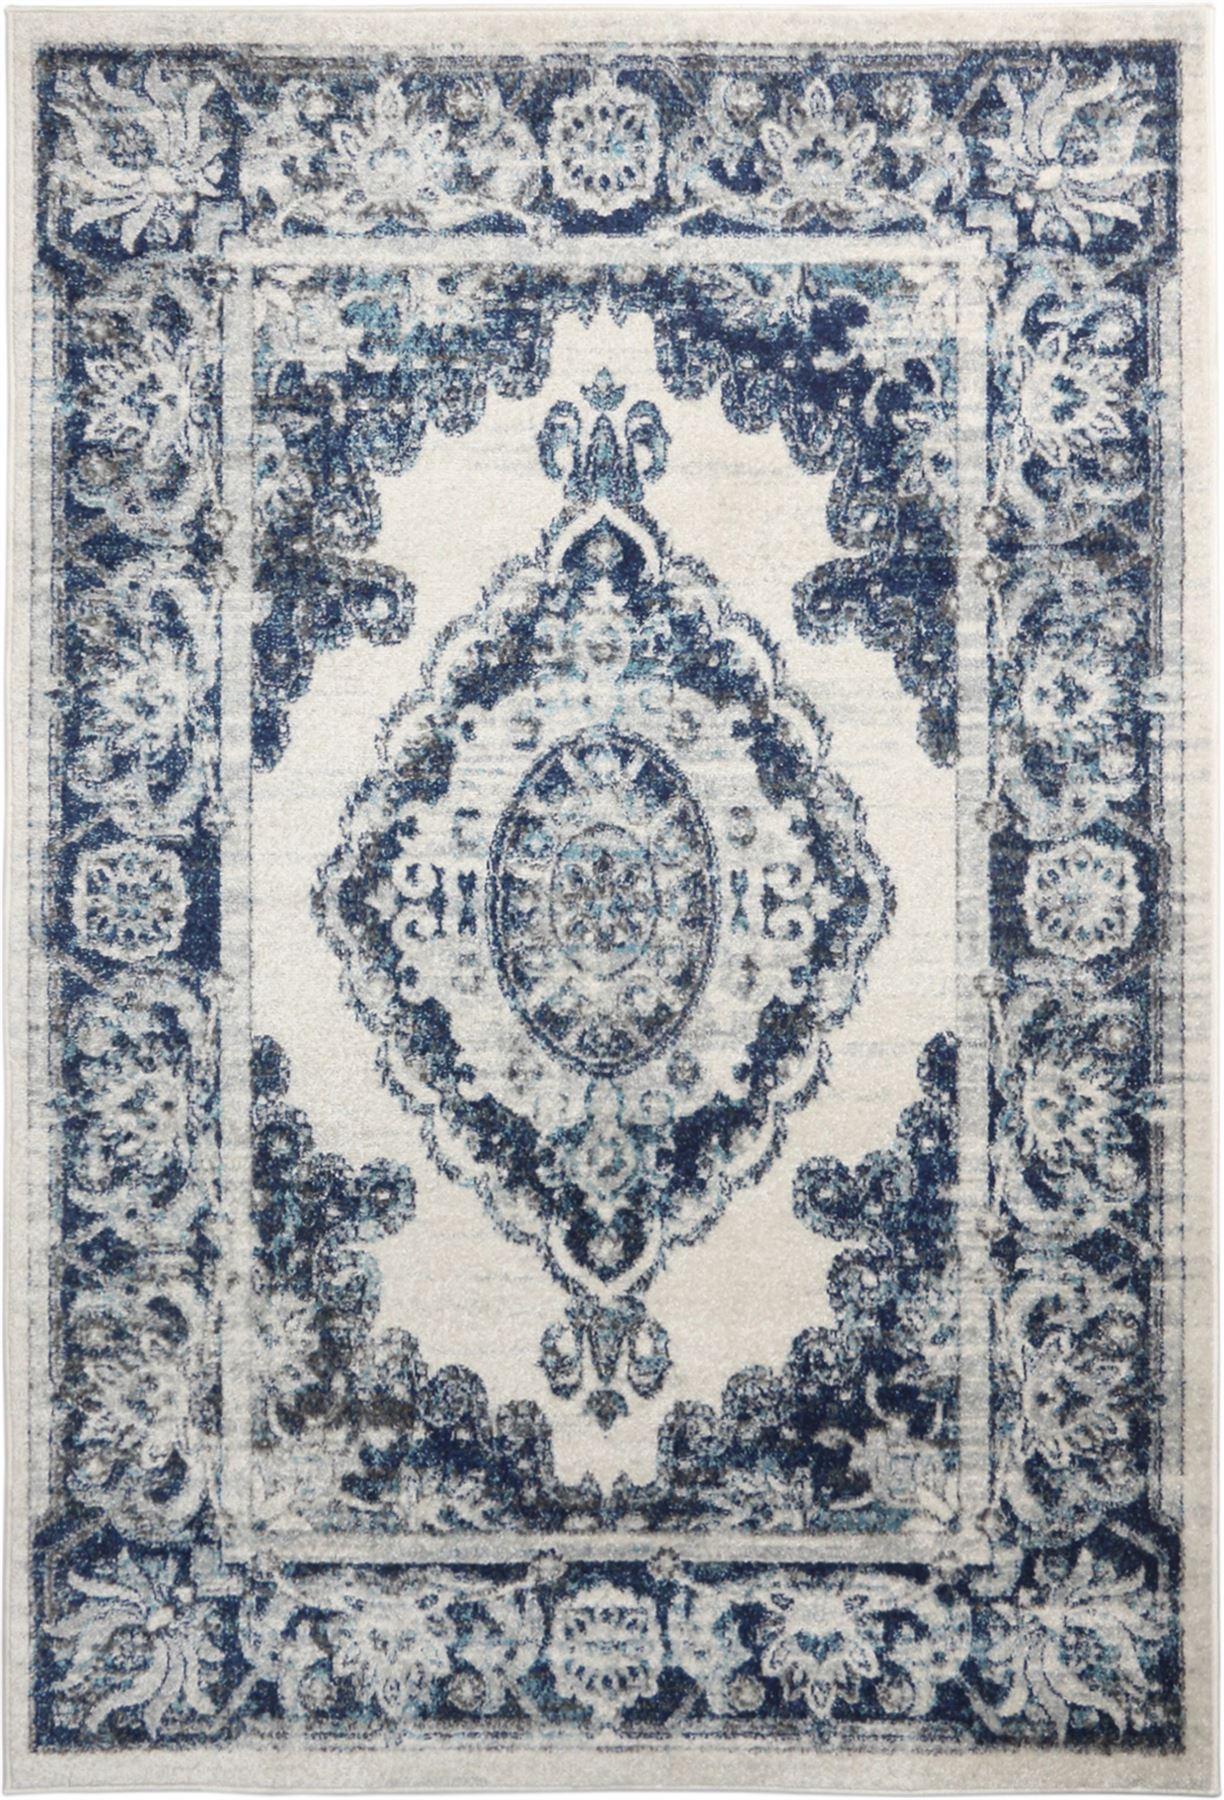 Crema-Tappeto-Oriental-Design-Tappeti-Persiani-salotto-TAPPETINI-tappeti-orientali miniatura 4